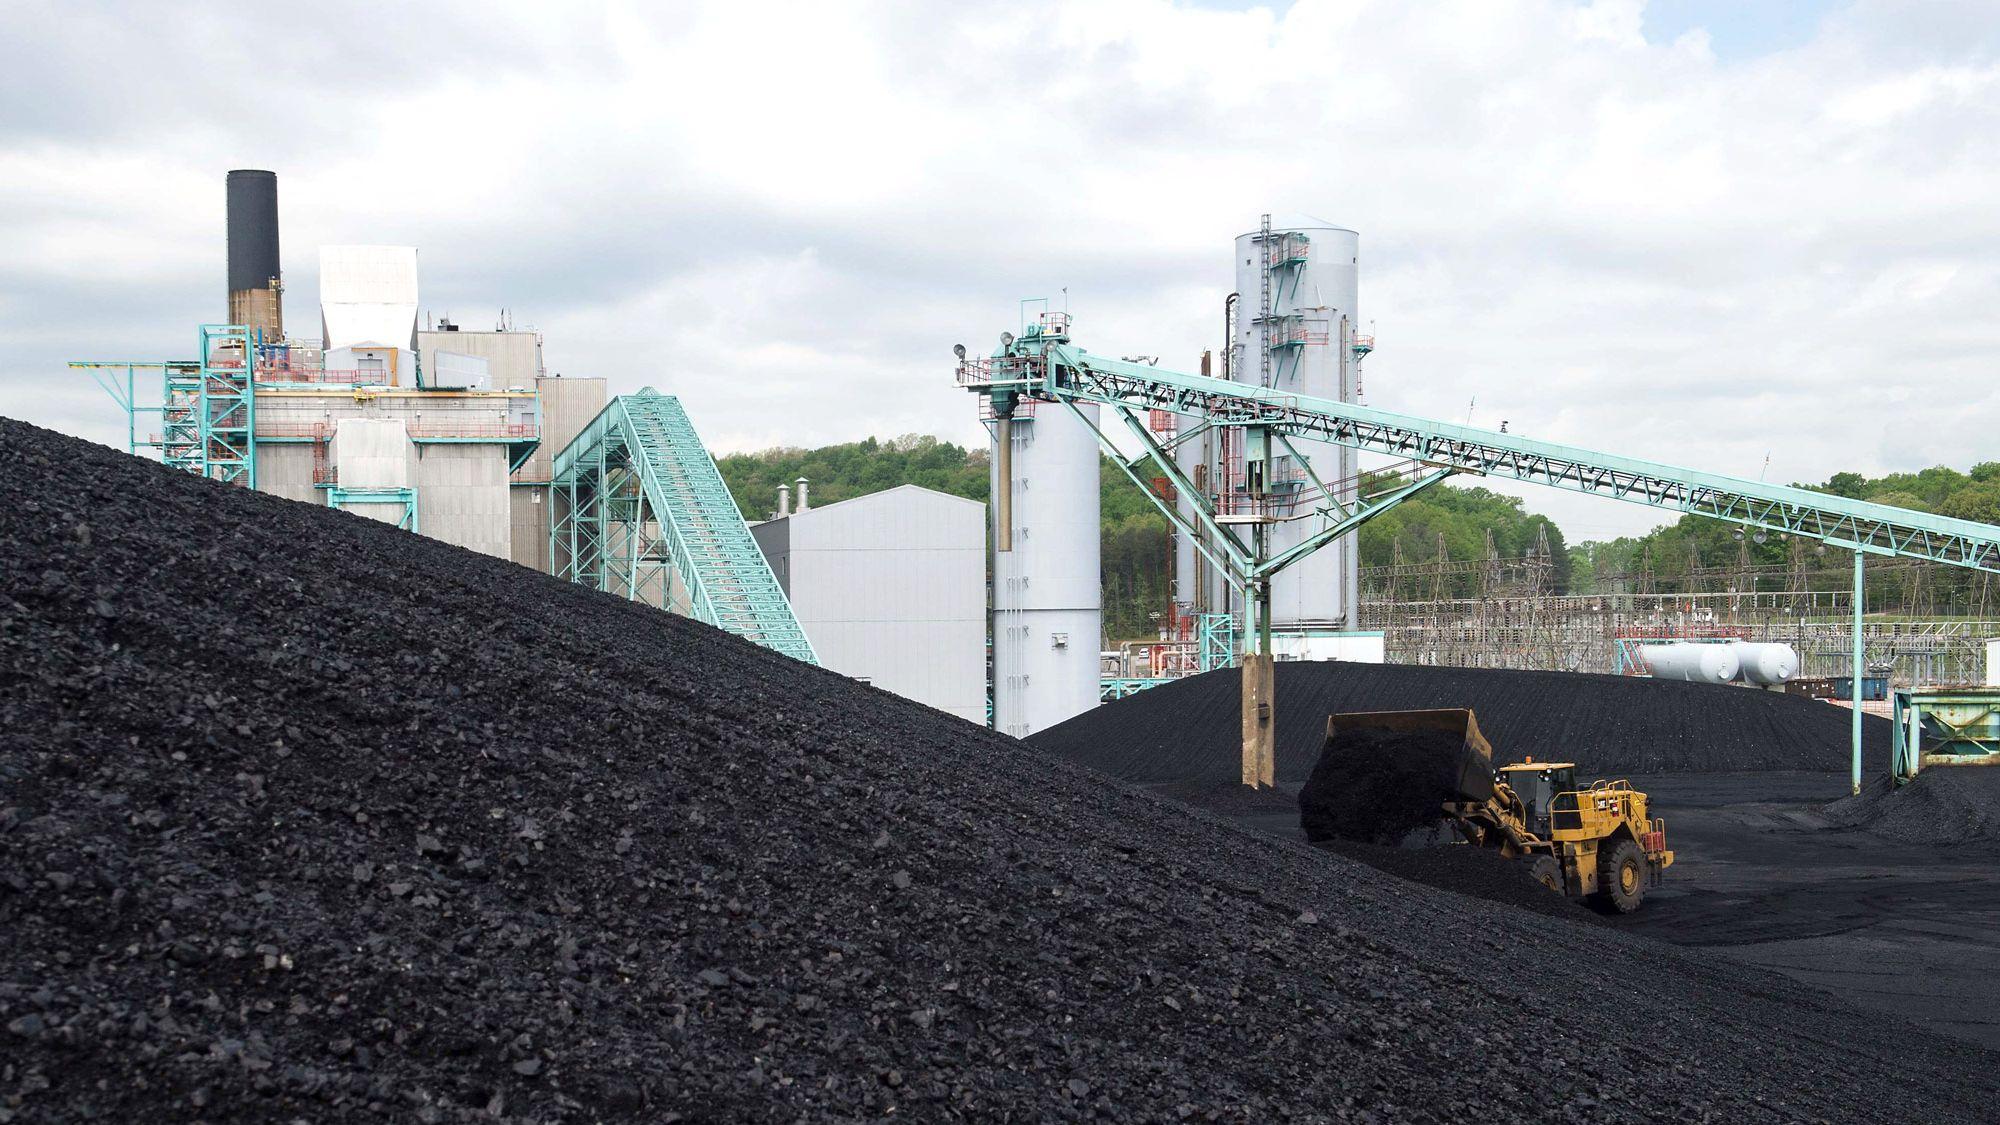 【トランプ政権の100日】救われない炭鉱労働者